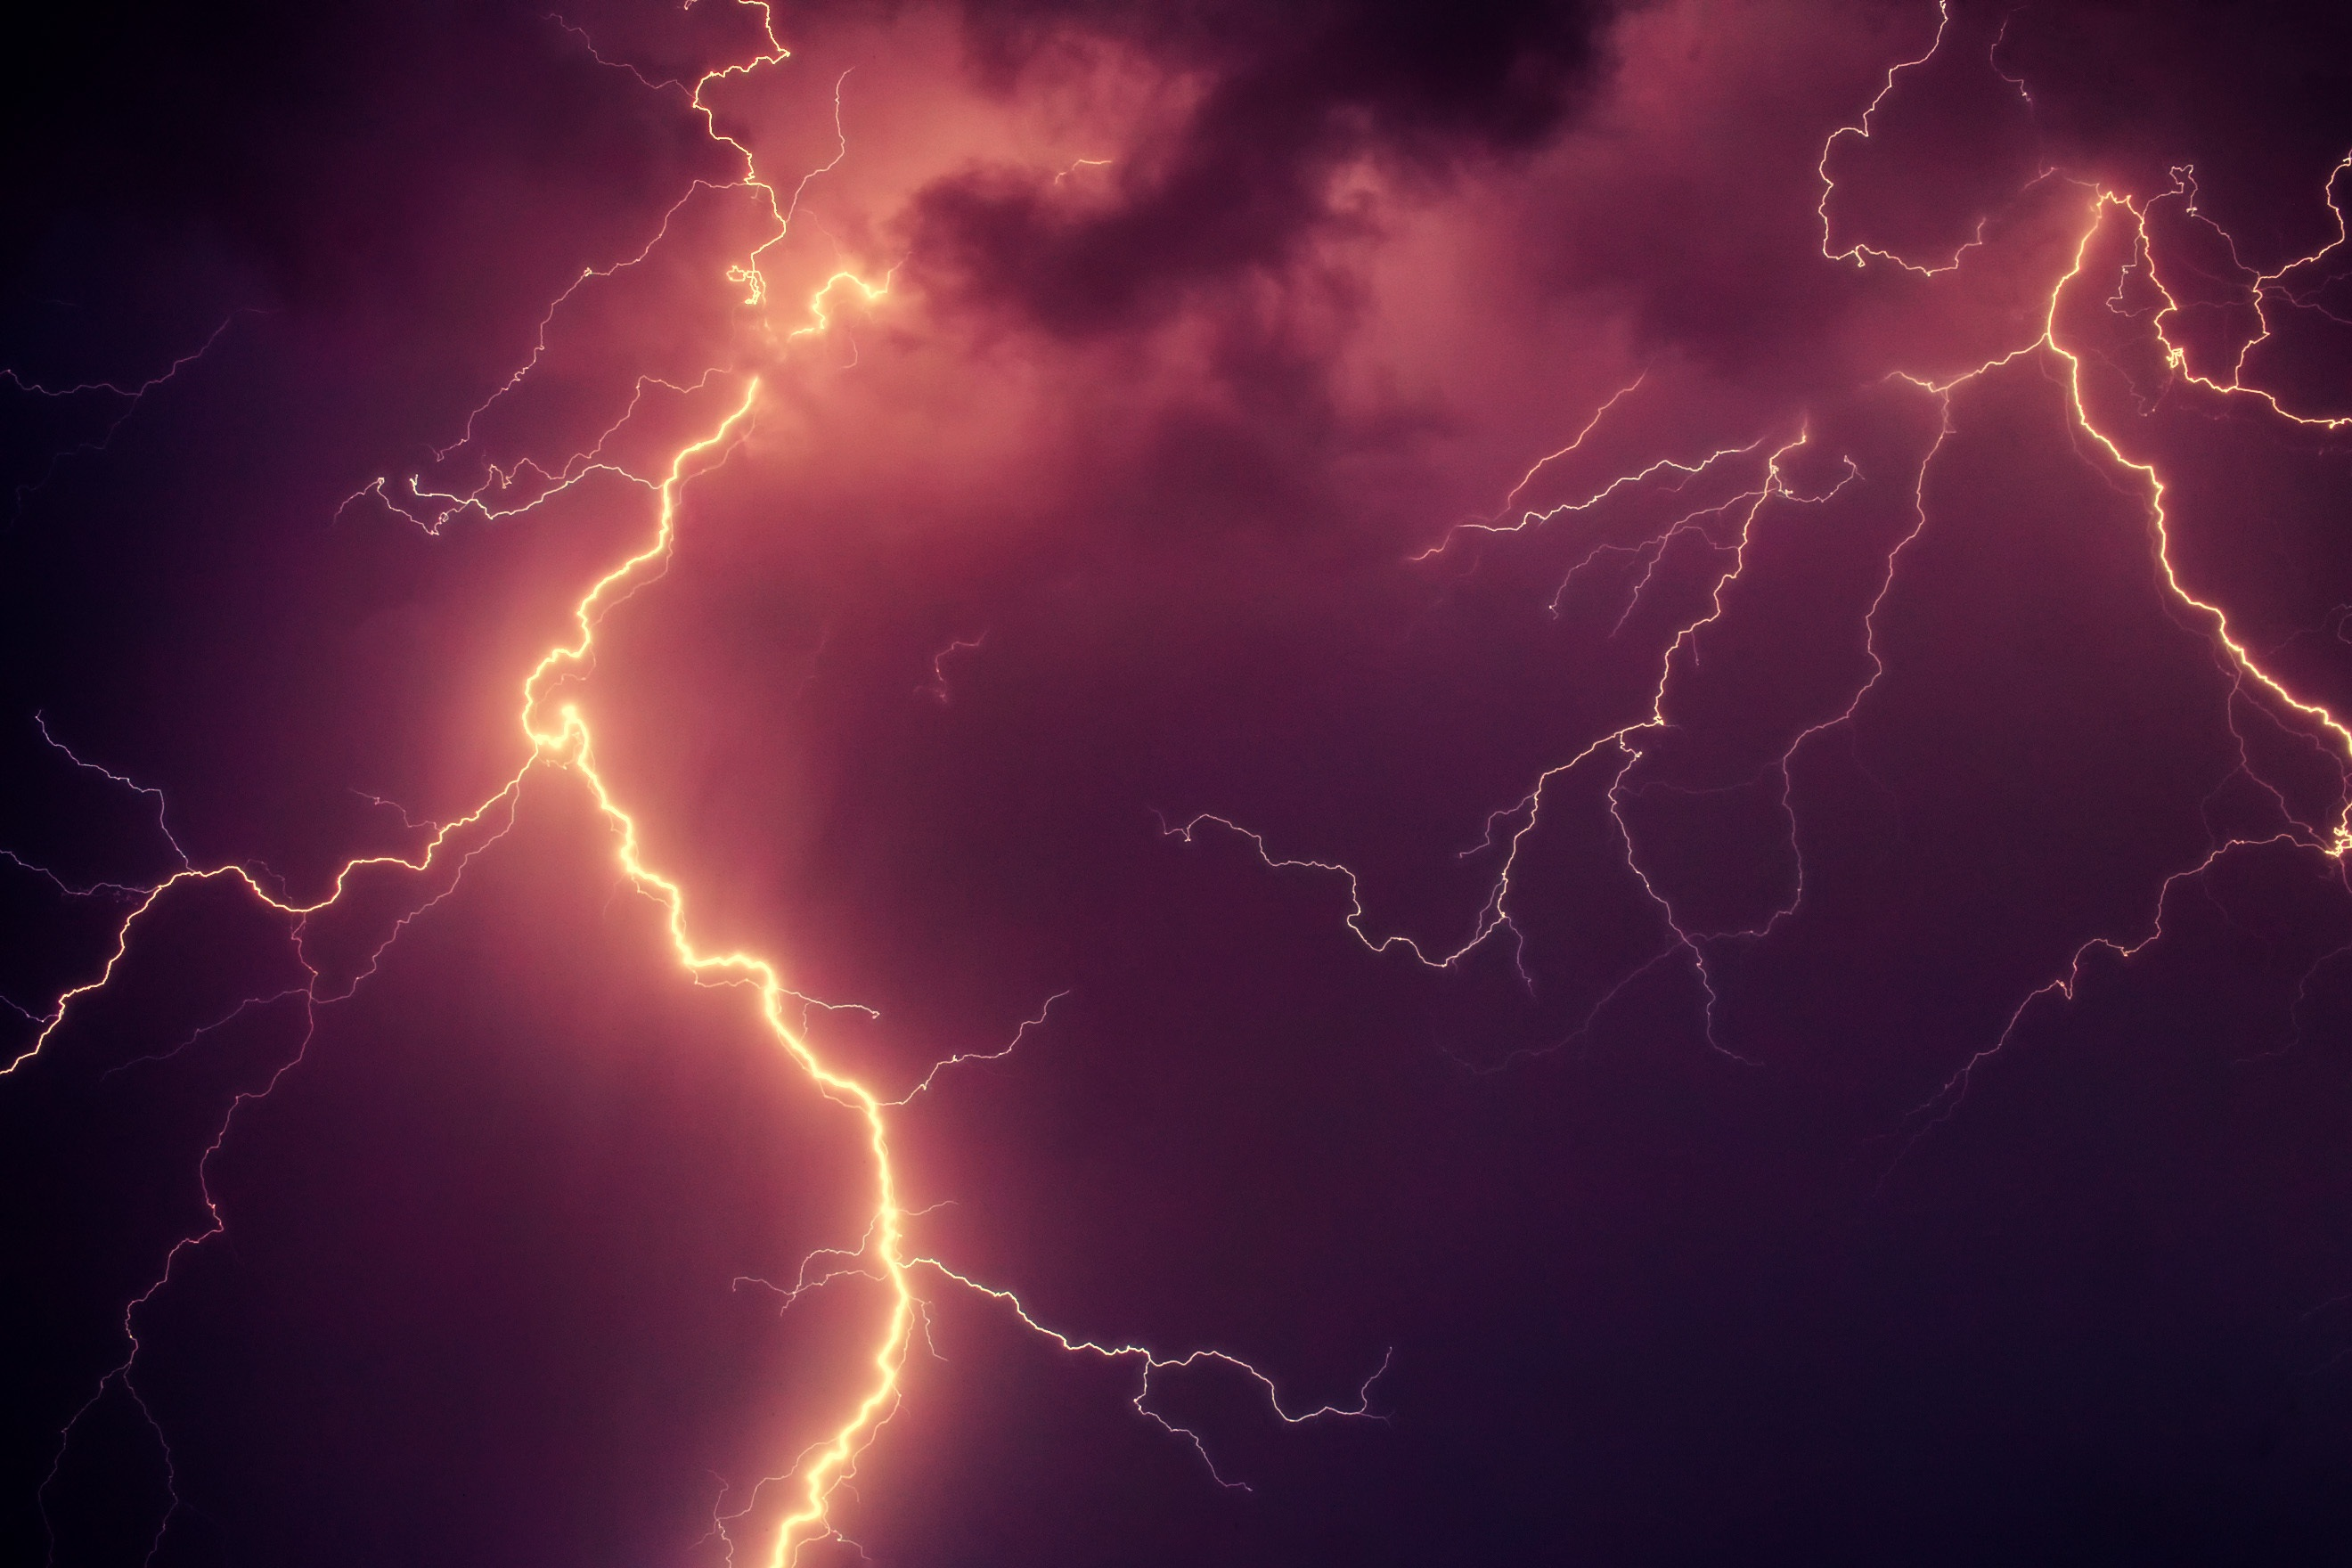 Thunderstorm lightning strike hd nature 4k wallpapers - Lighting strike wallpaper ...